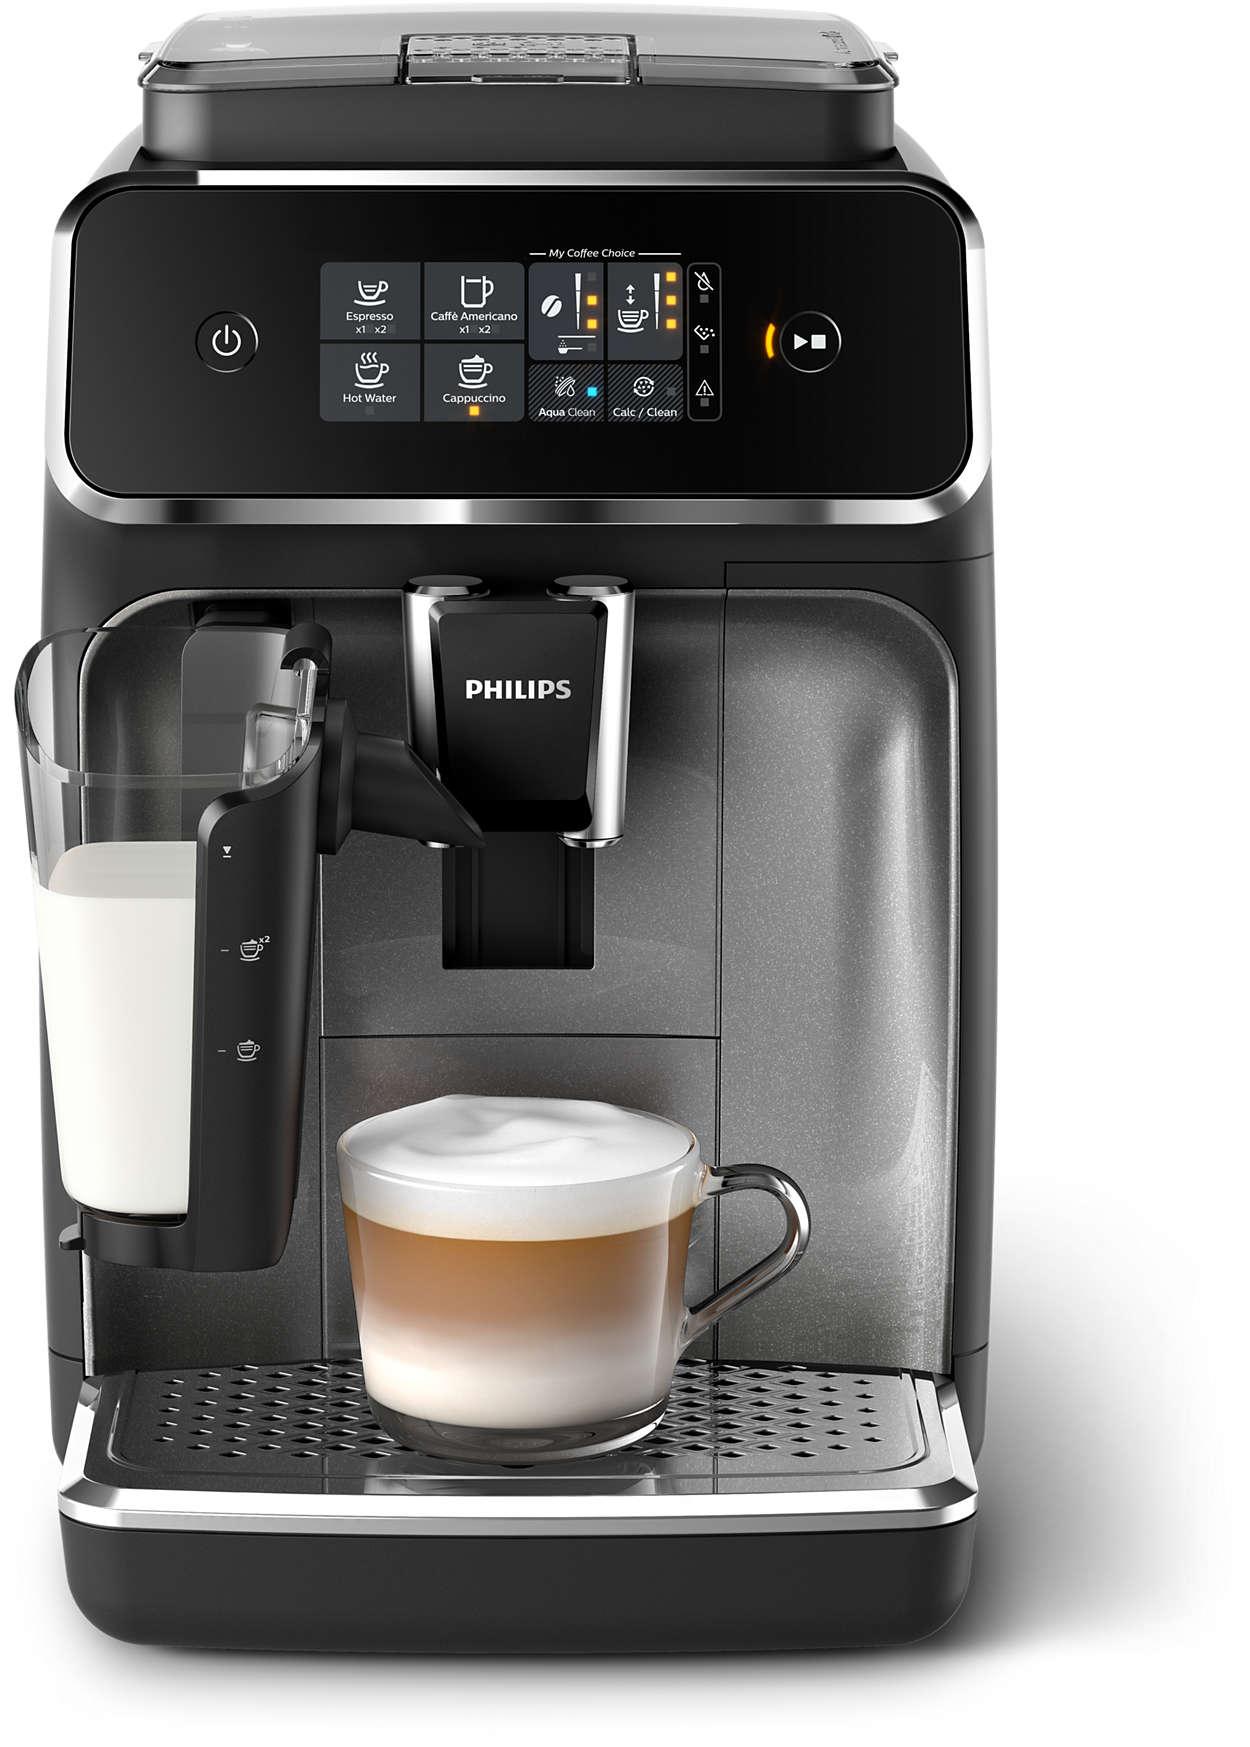 用新鲜咖啡豆制作 3 种美味的咖啡,操作从未如此简单